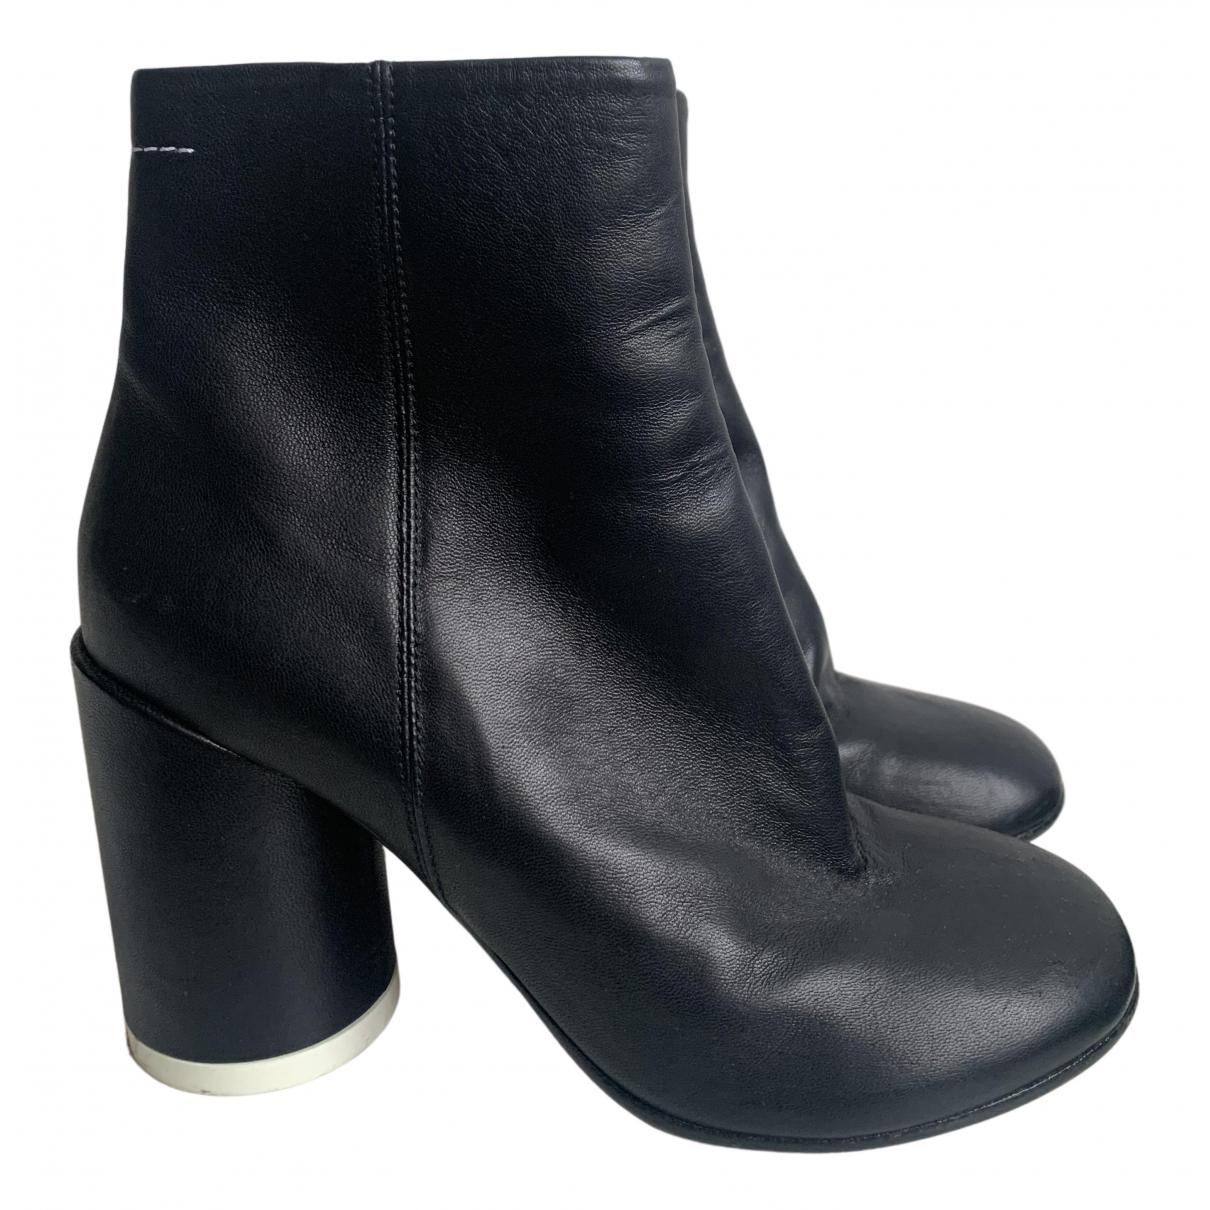 Mm6 - Bottes   pour femme en cuir - noir